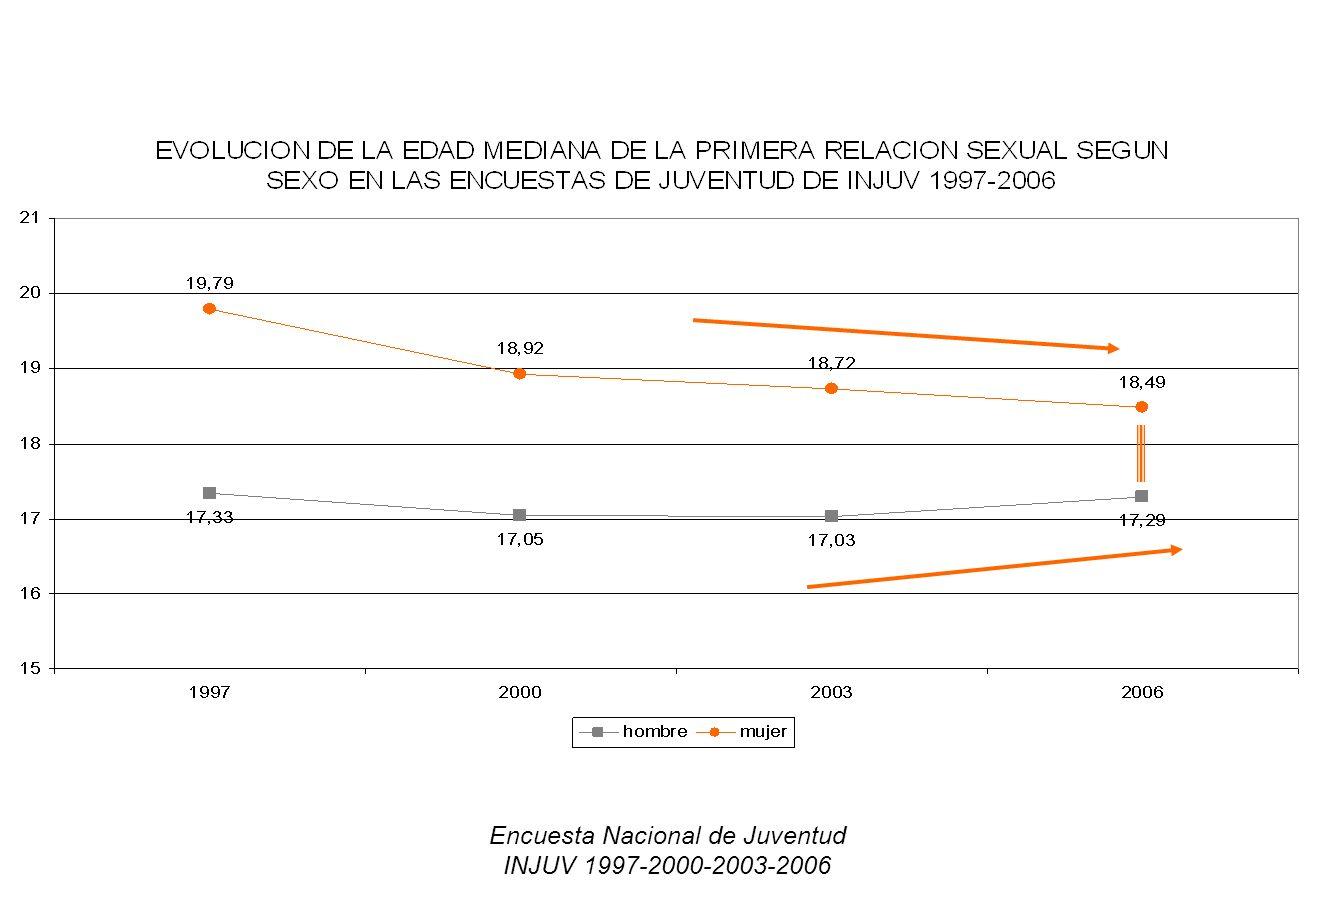 Encuesta Nacional de Juventud